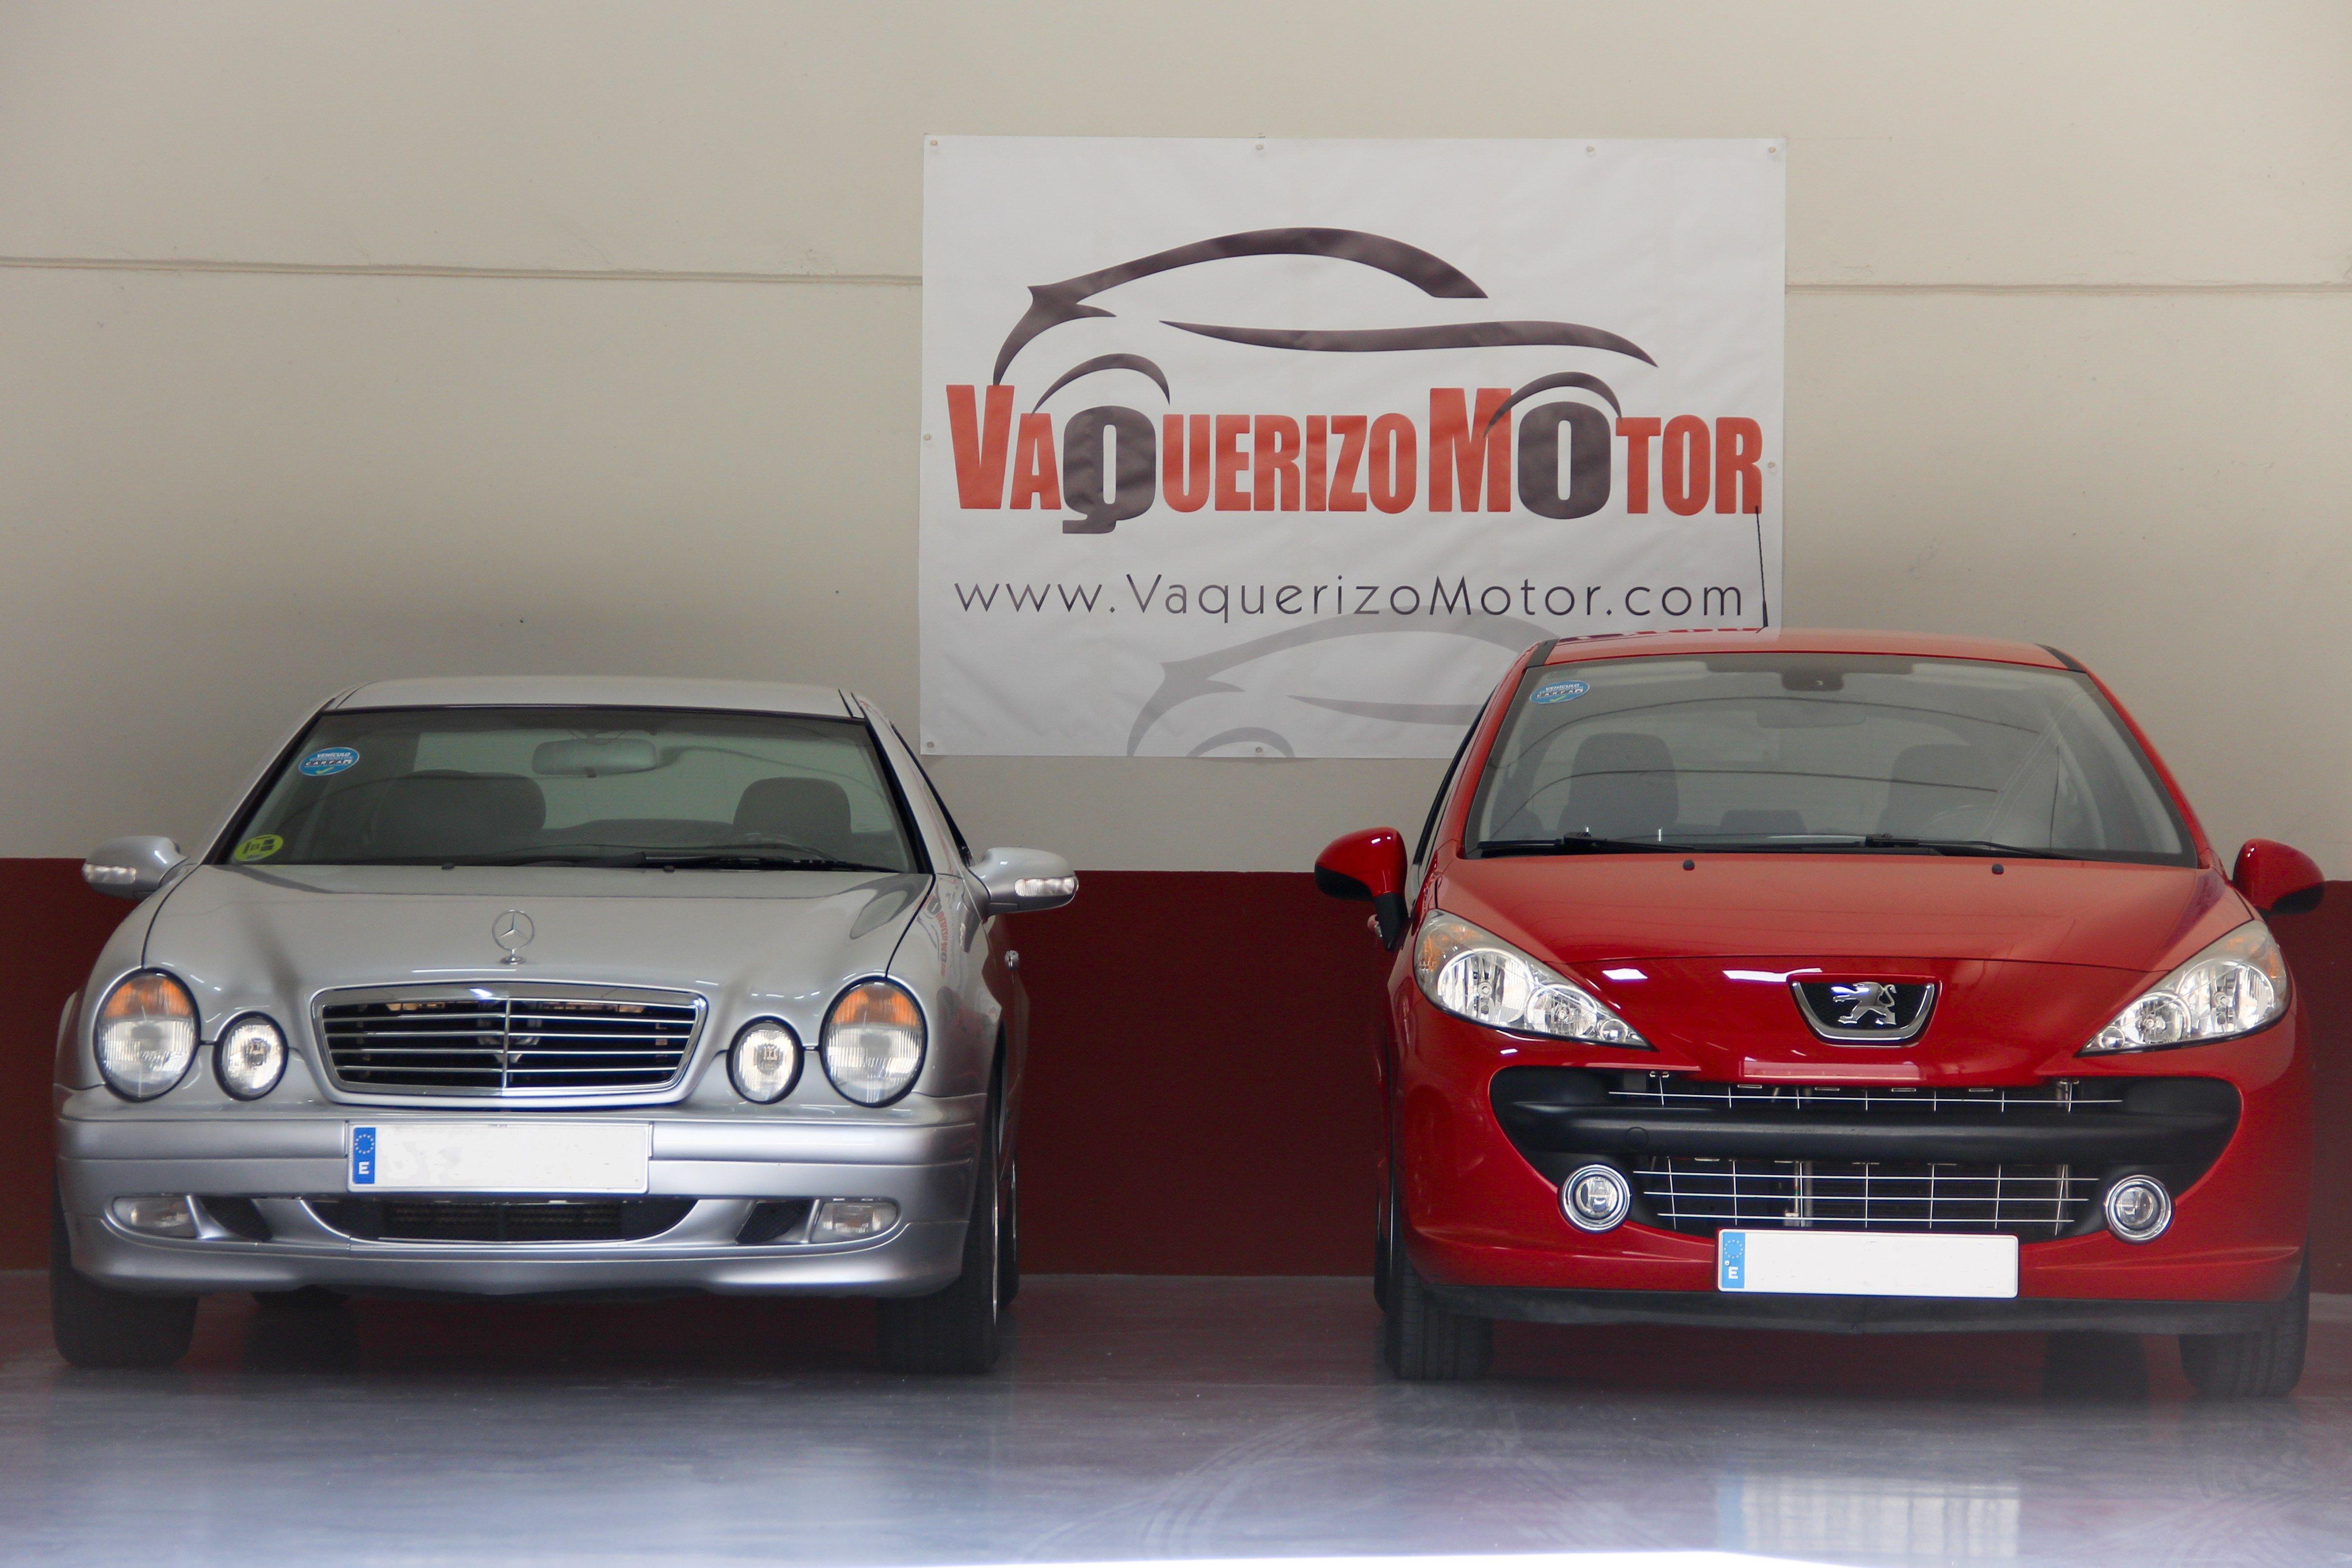 Disponemos de coches de segunda mano de marcas como BMW, Citröen, Mercedes-Benz o Fiat, entre otras